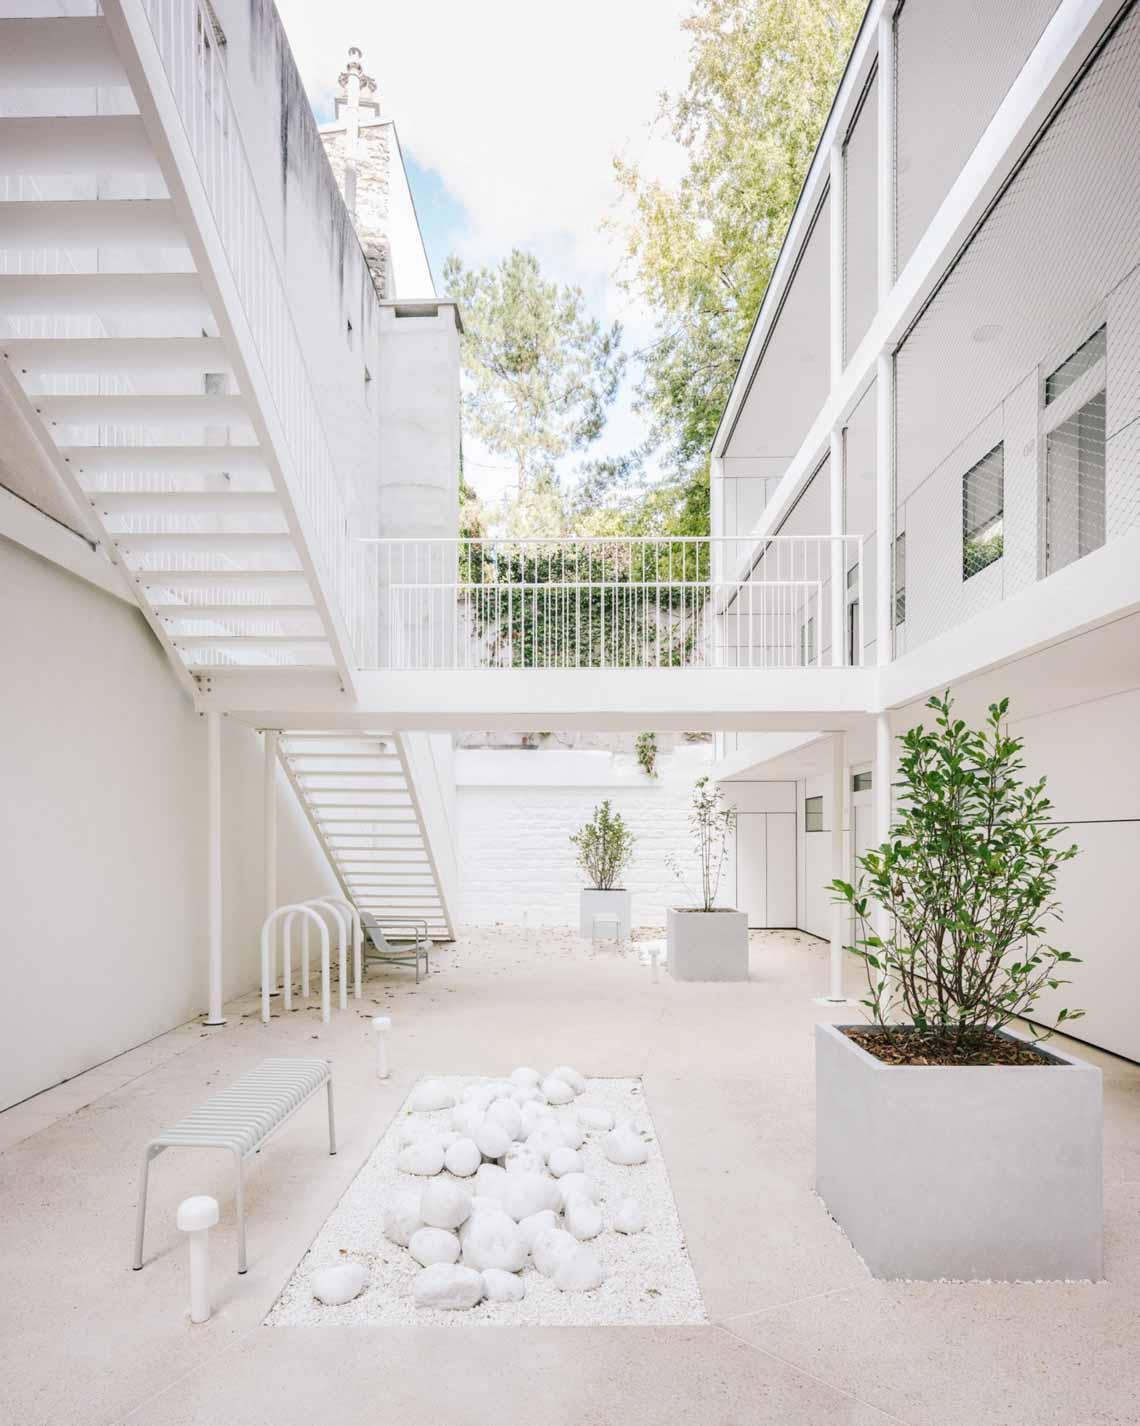 Tòa nhà căn hộ bằng gỗ với thiết kế mang phong cách Nhật Bản - 12